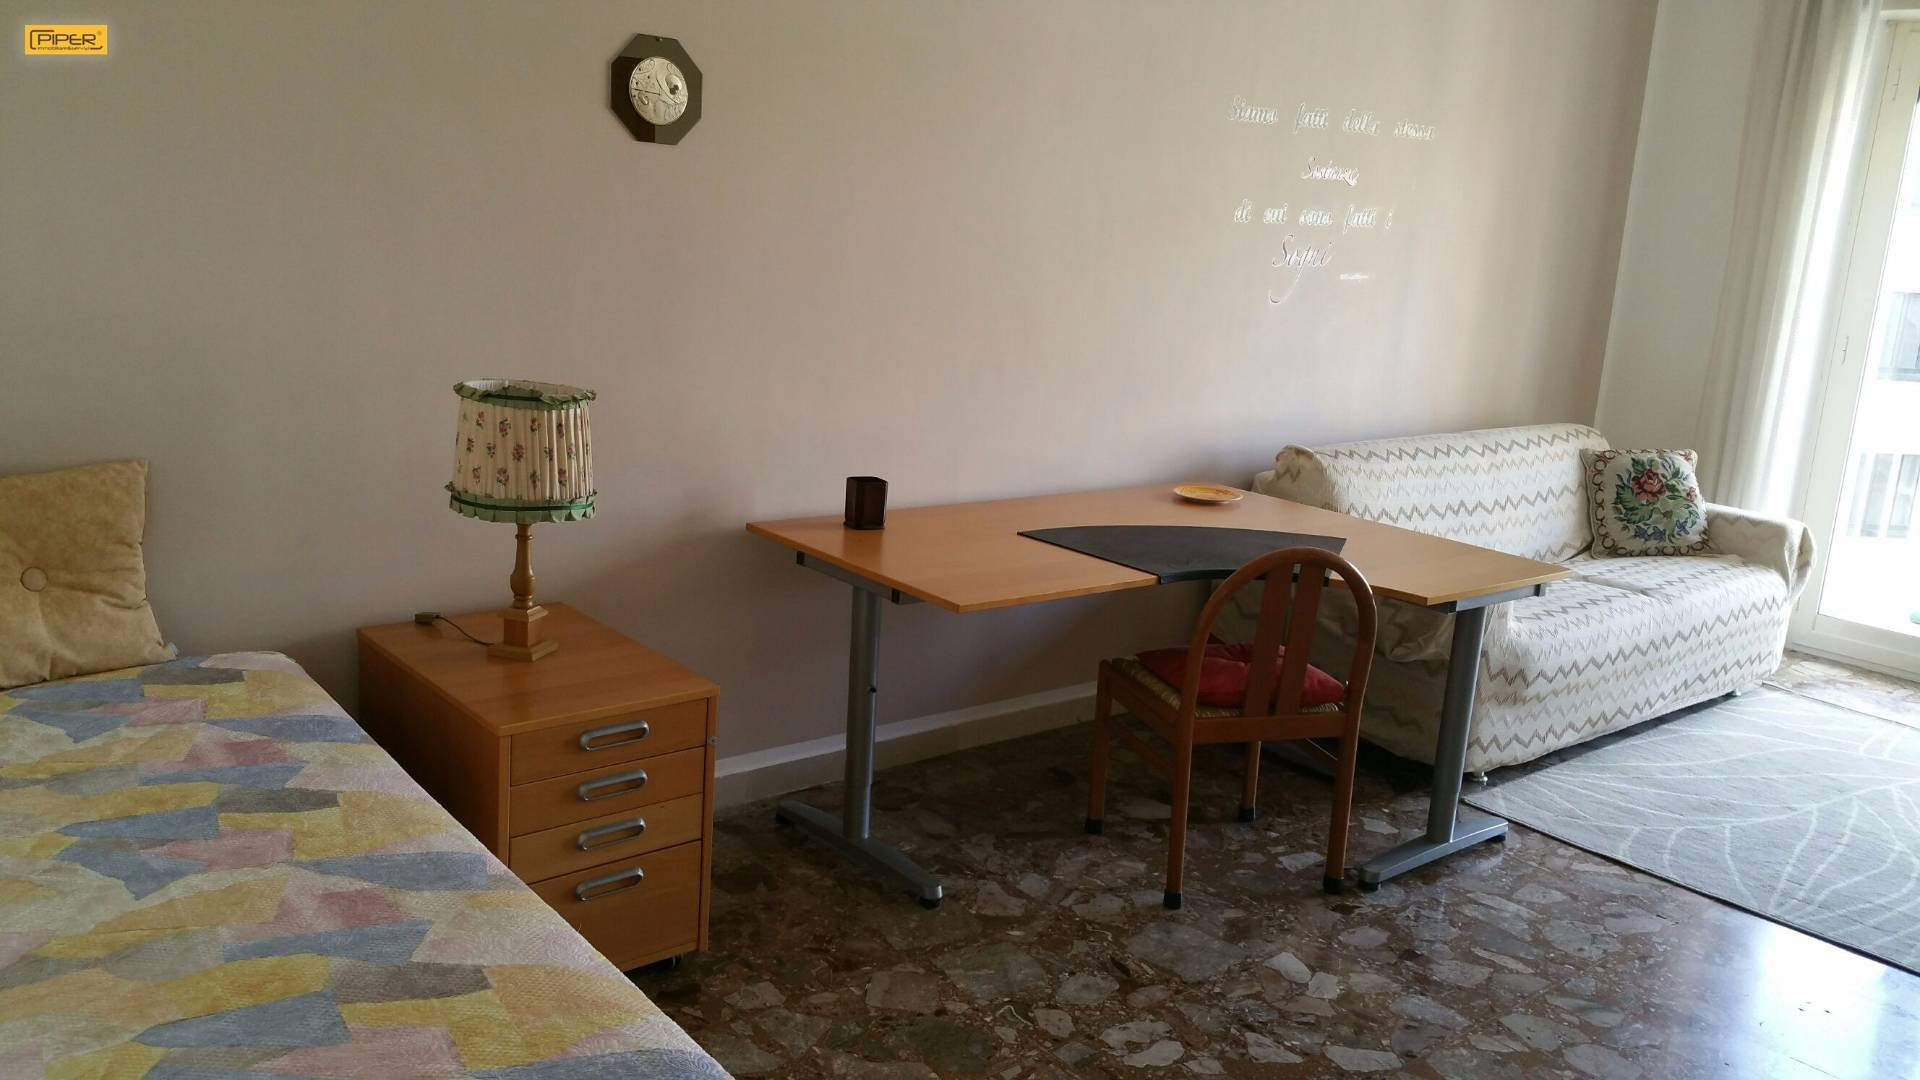 Appartamento in affitto a Napoli, 1 locali, zona Località: Arenella, Trattative riservate | CambioCasa.it